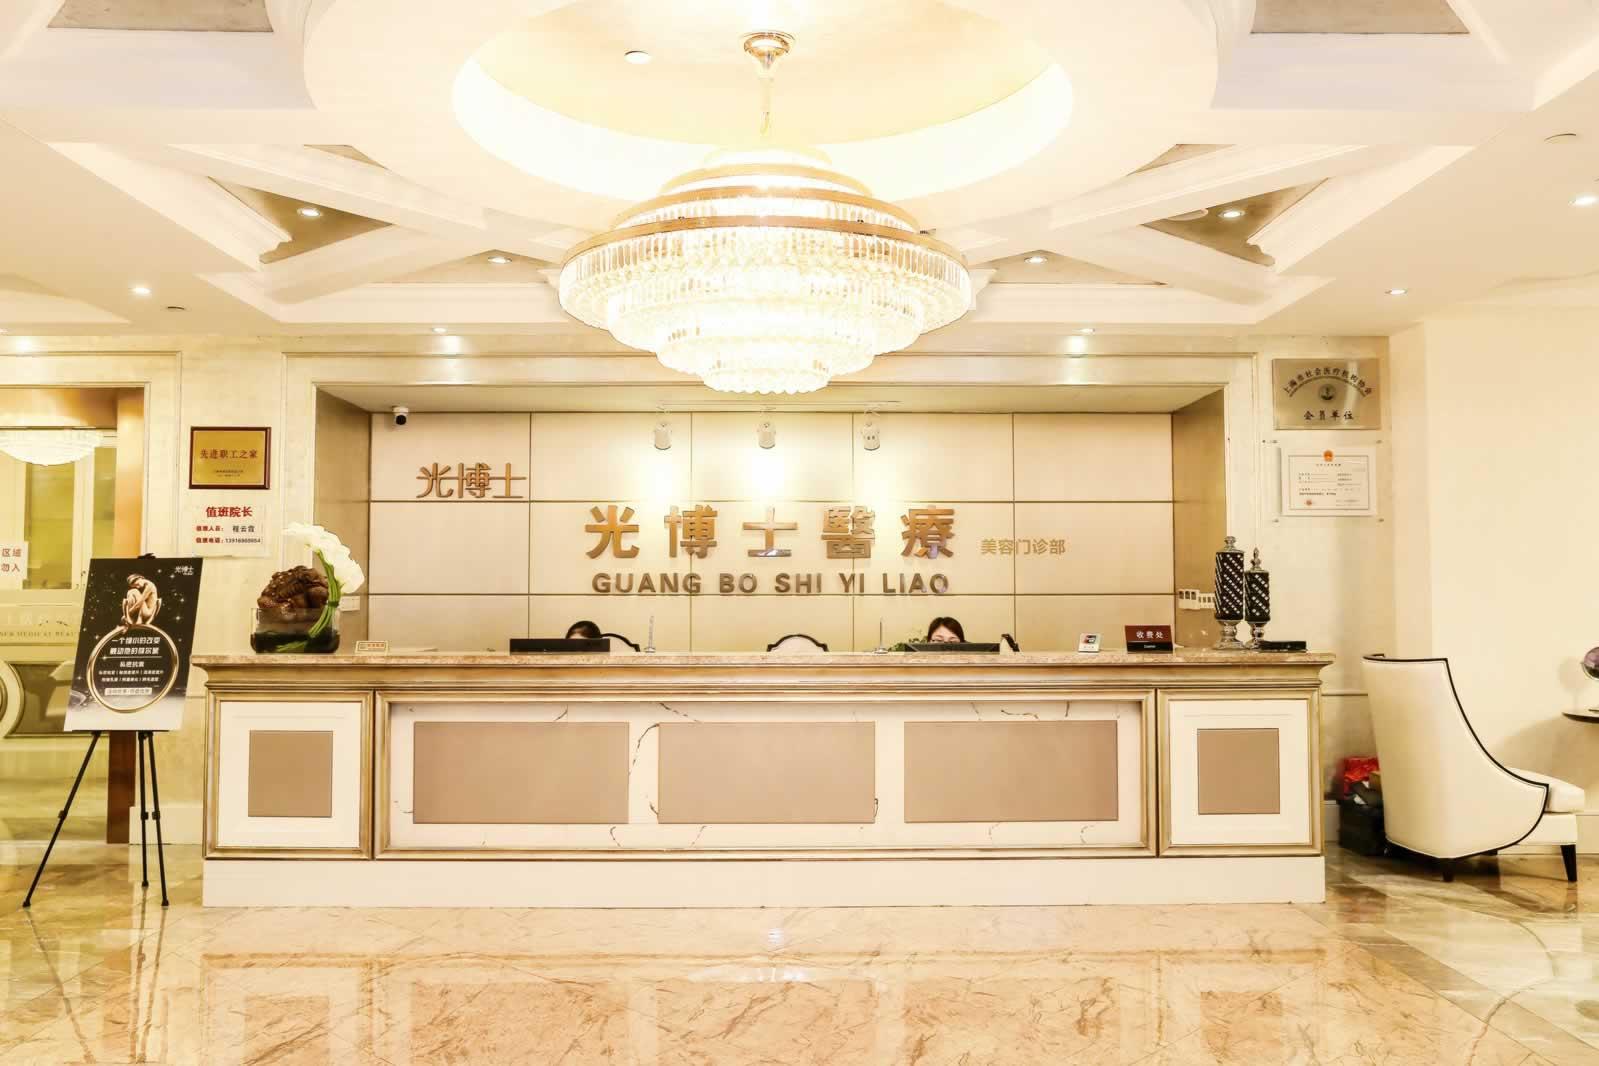 上海光博士医疗美容门诊部好吗地址哪条路?